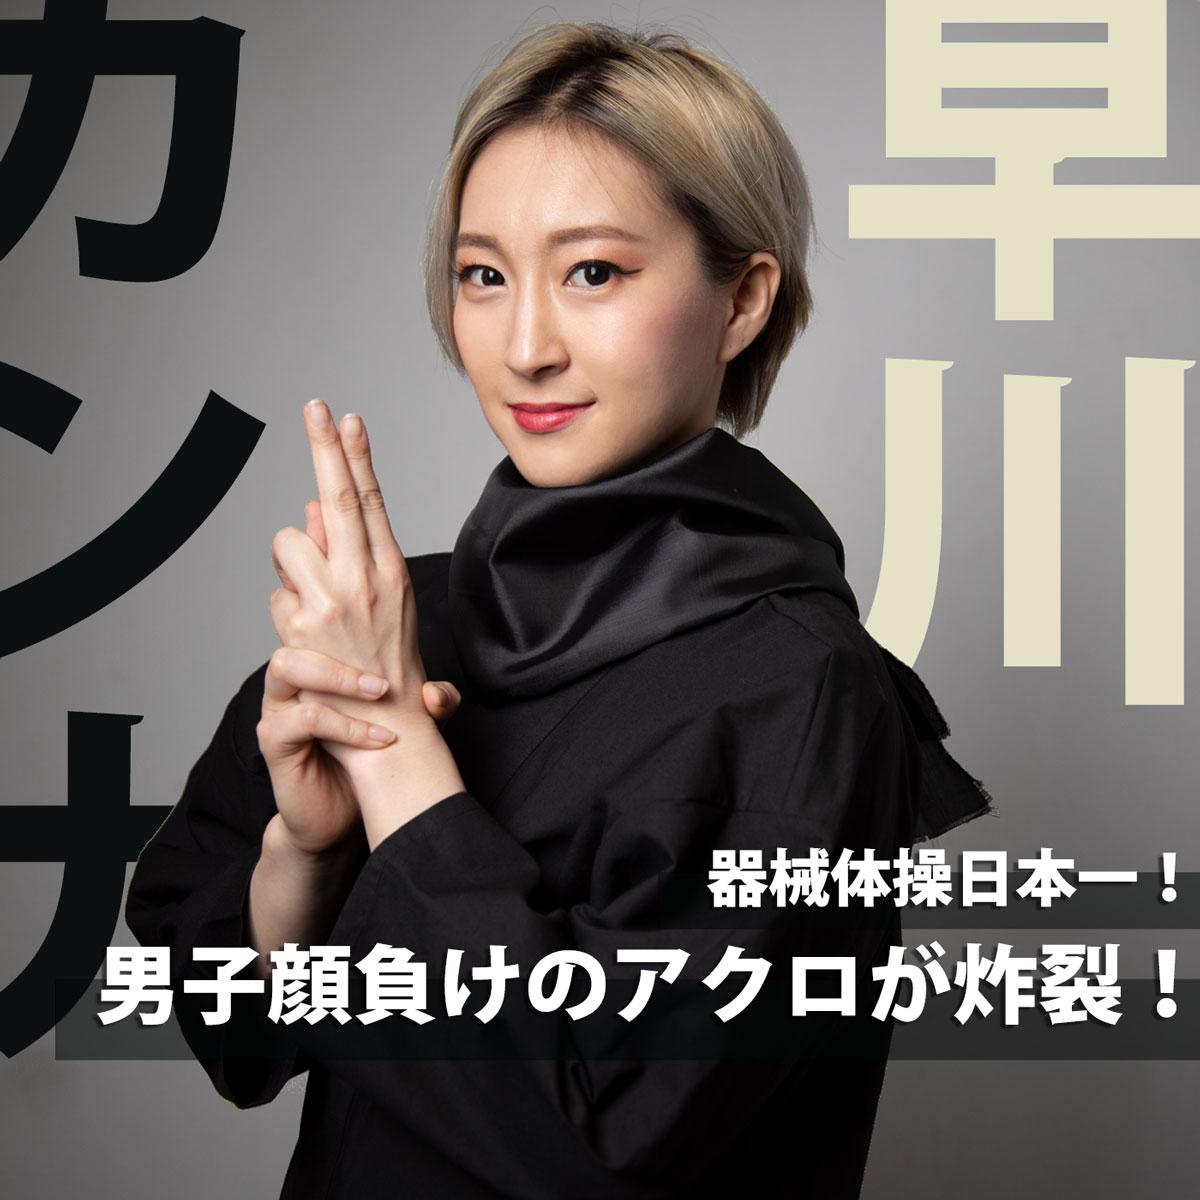 早川カンナ「器械体操日本一!男子顔負けのアクロが炸裂!」